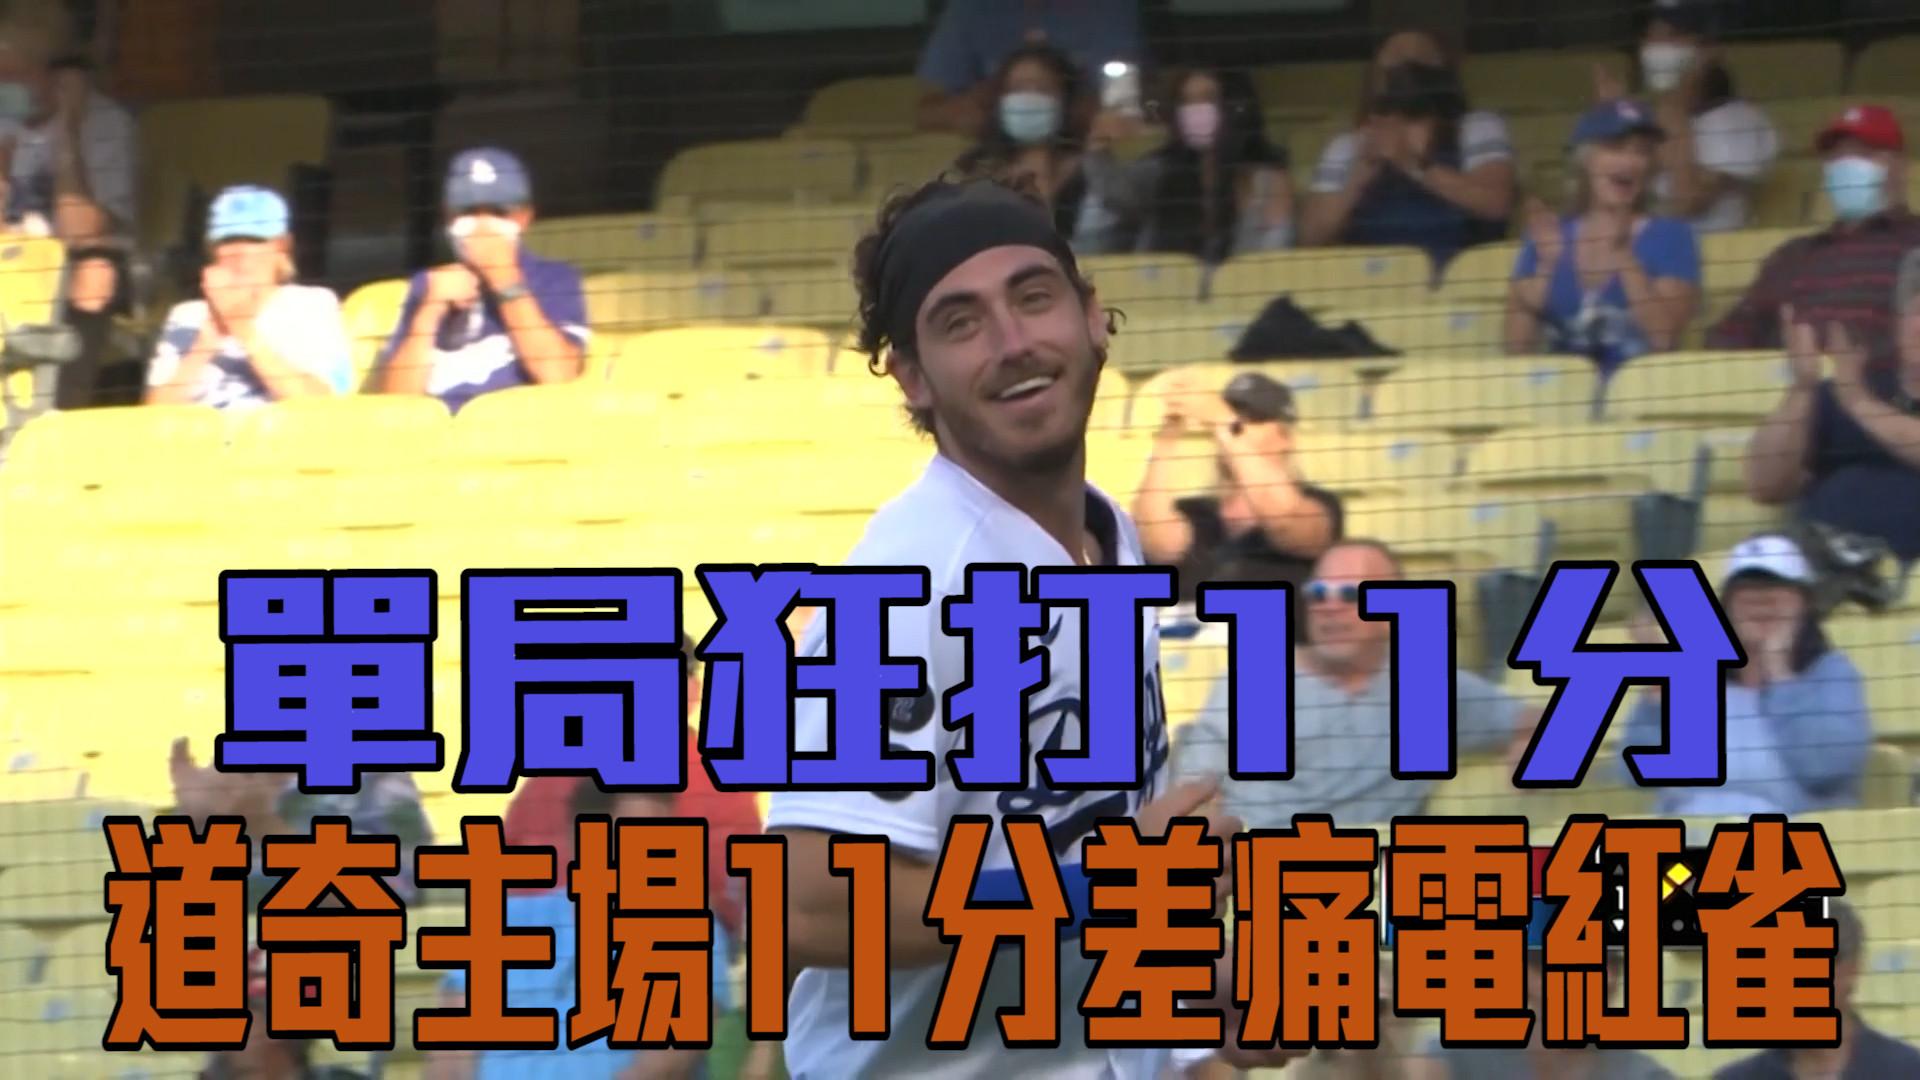 【MLB看愛爾達】搬到洛杉磯第一次 道奇首局11分虐紅雀 06/03